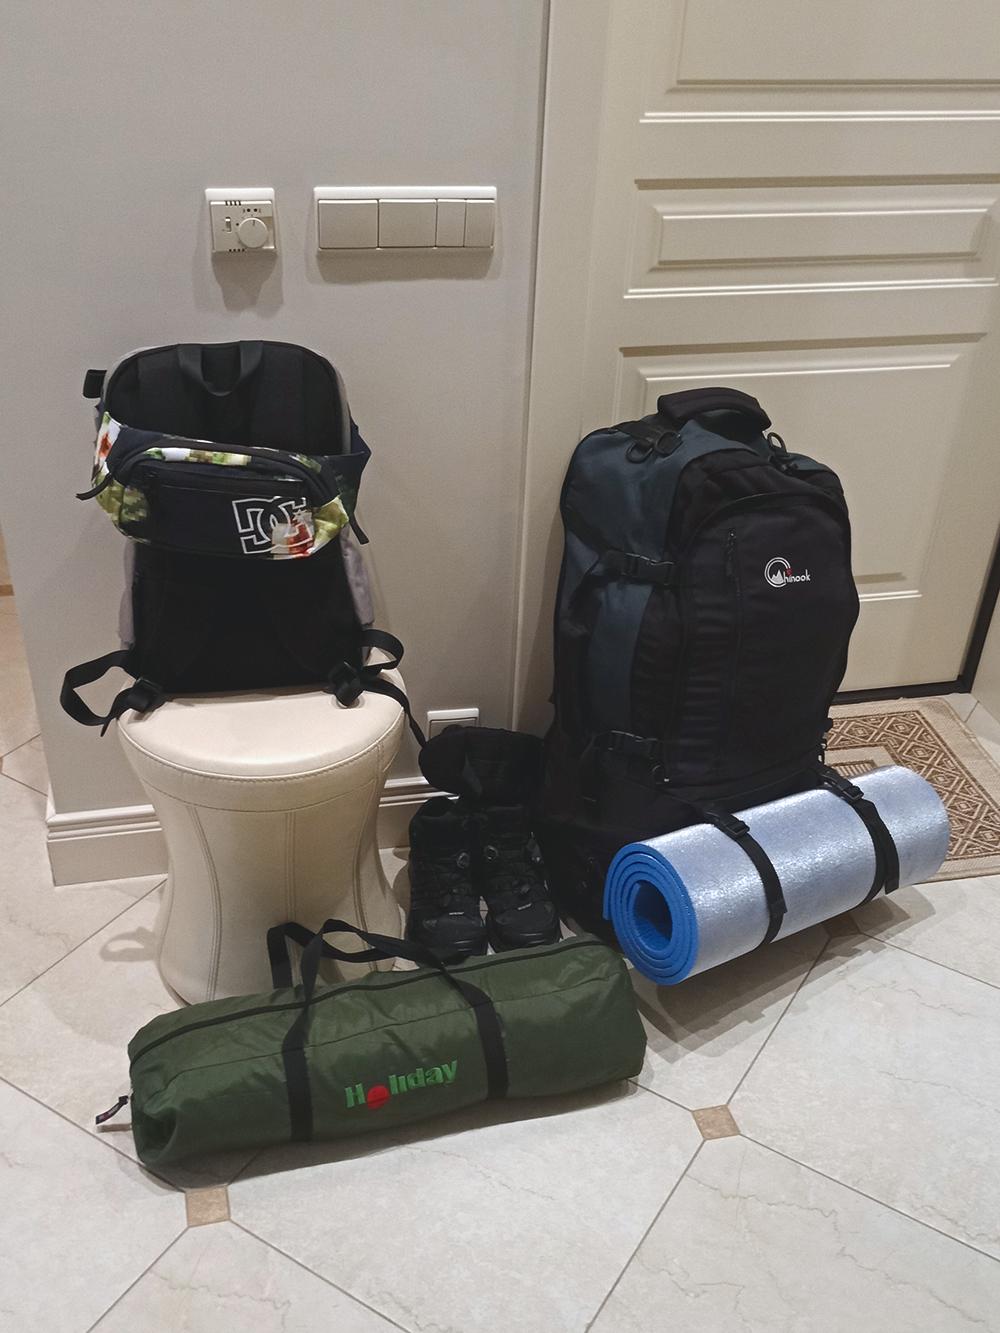 Все вещи на две недели поместились в одном большом рюкзаке, а в маленьком — техника